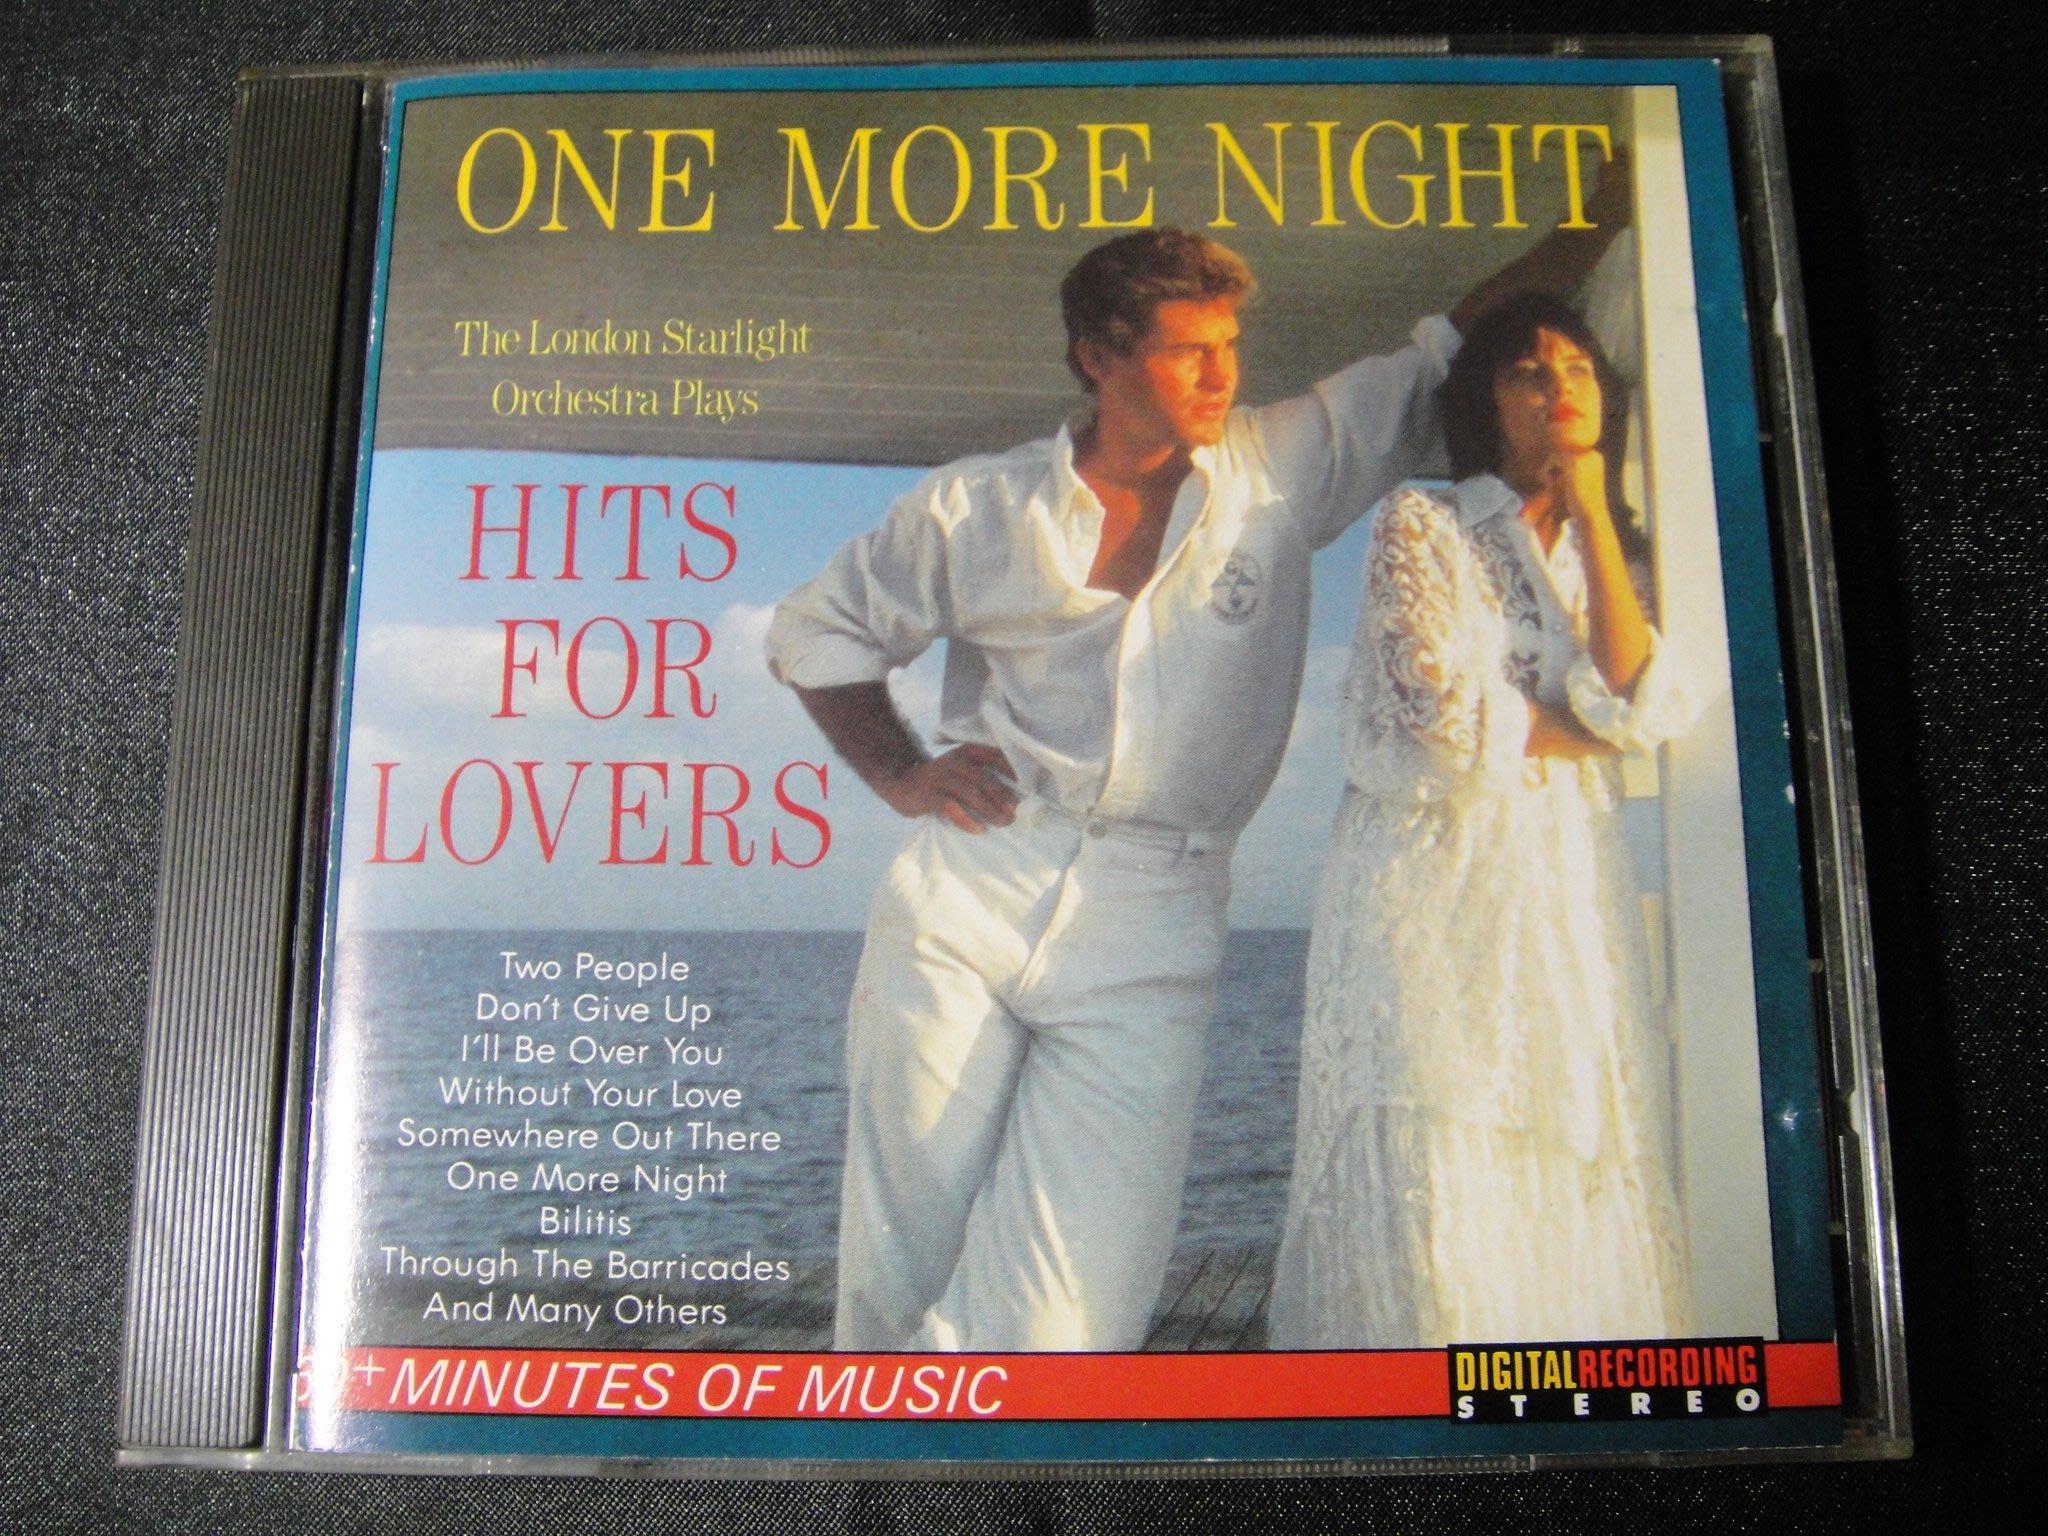 【198樂坊】One More Night Hits For Lovers(Two People.瑞典版)BS